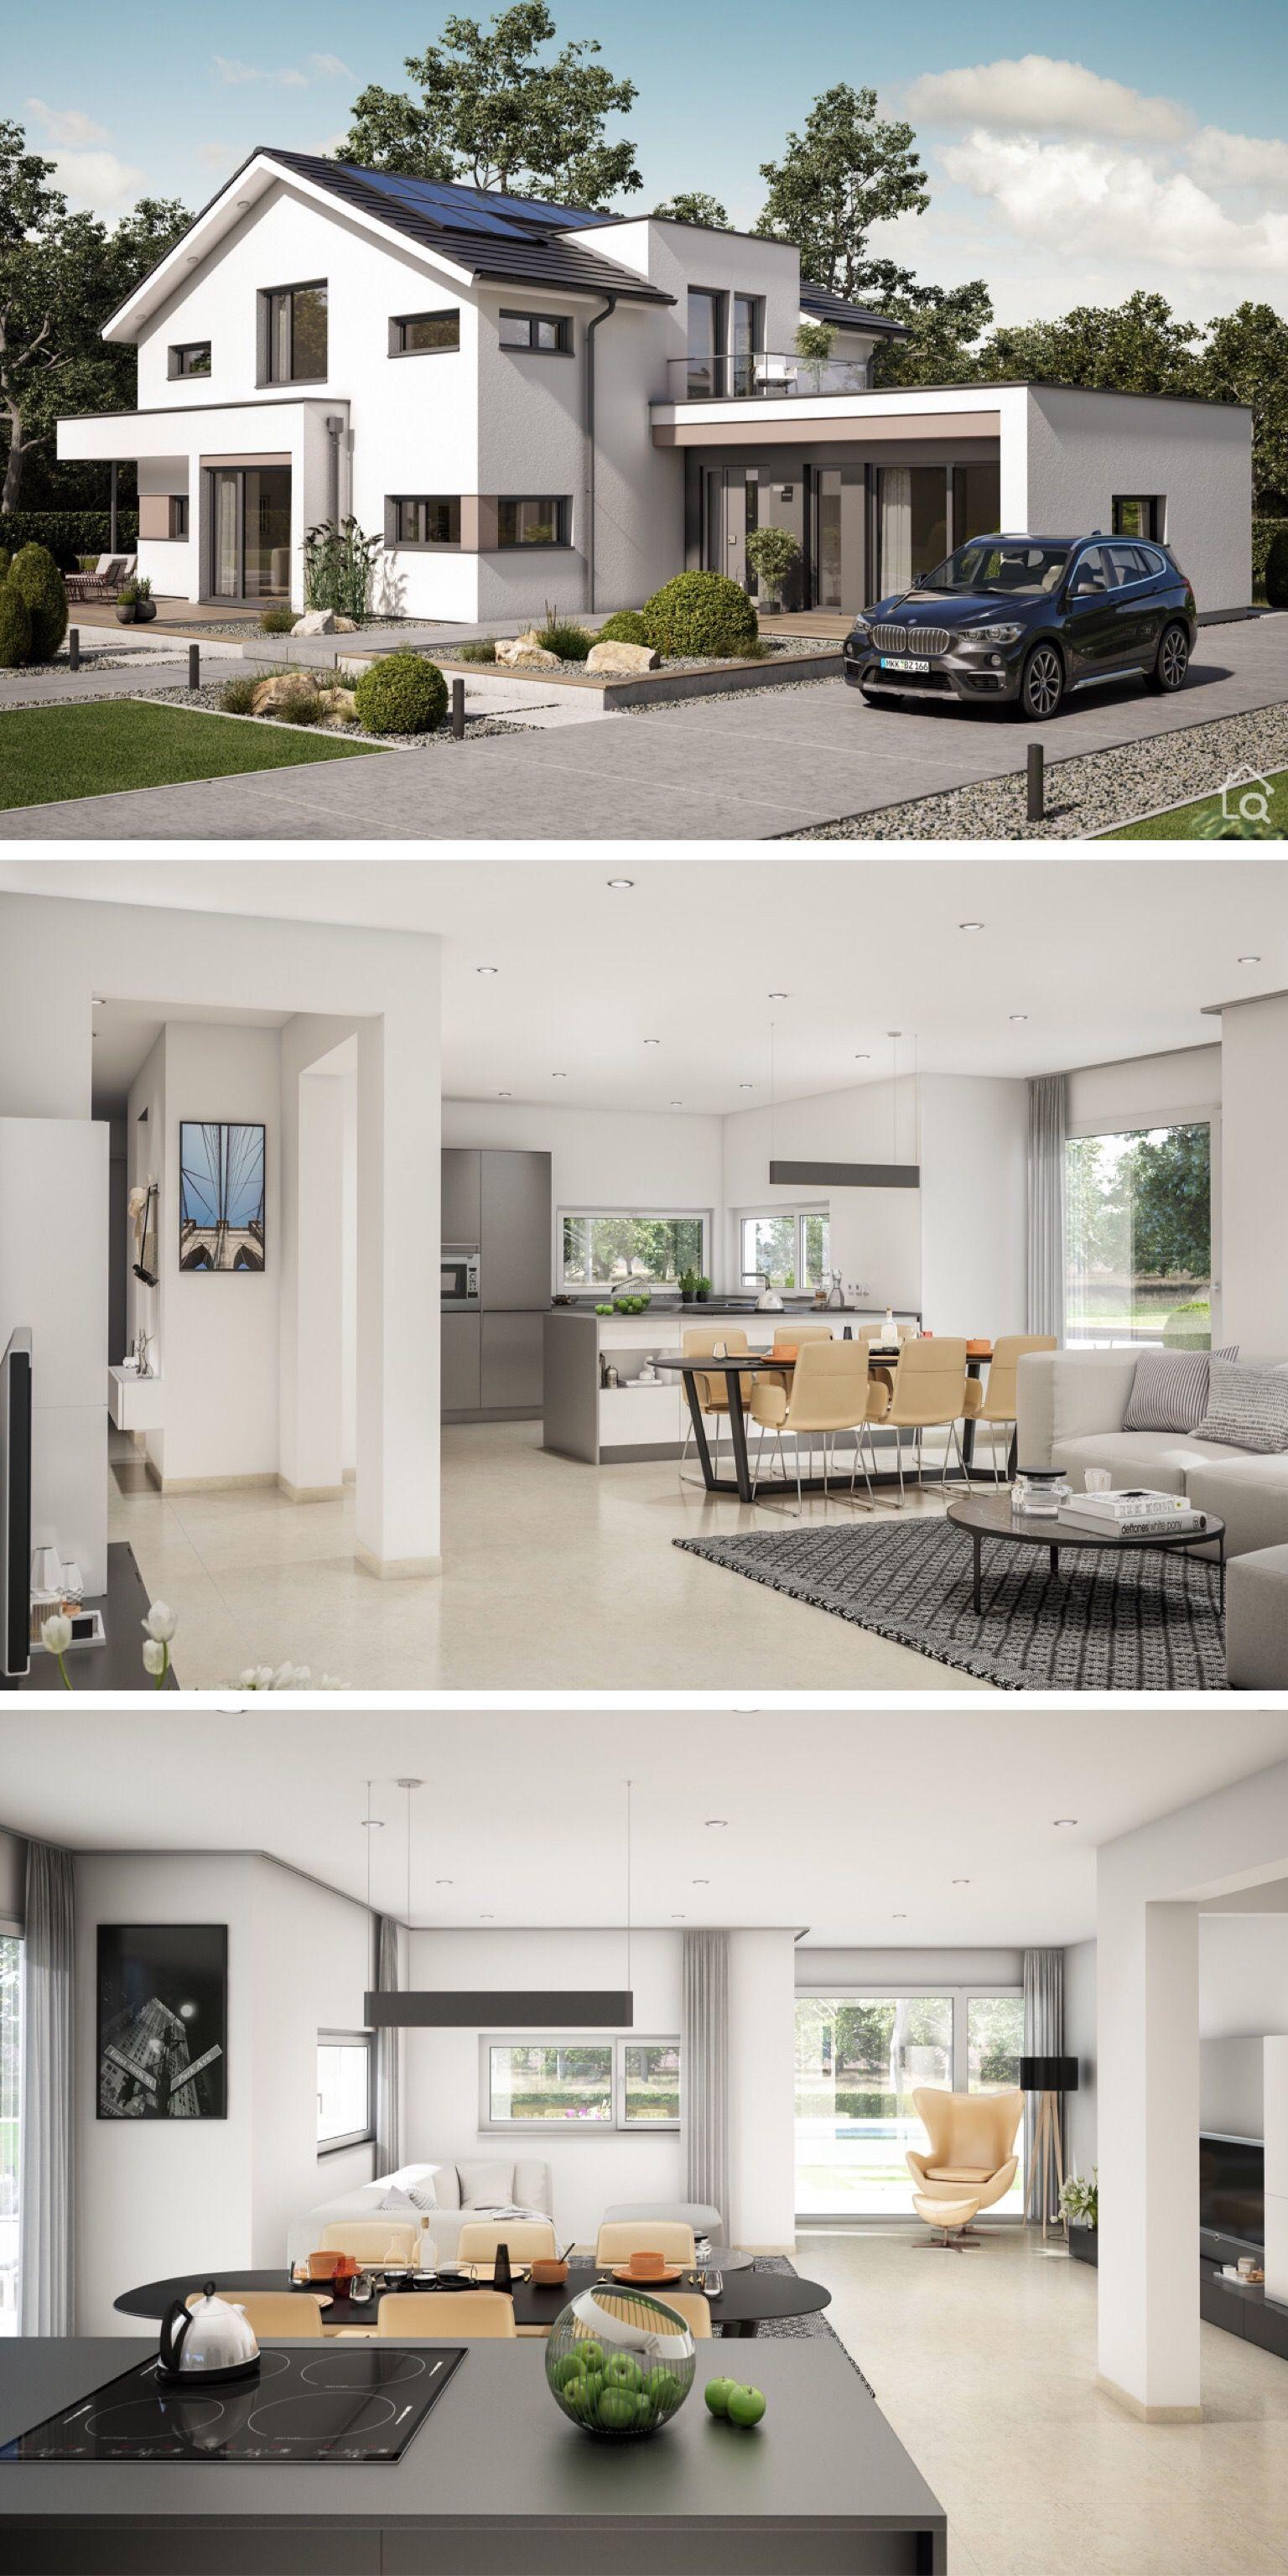 Modernes Haus Design Aussen Mit Satteldach Separatem Buro Anbau Innen Einrichtung Modern Offen Mit Erker Galerie Haus Design Modernes Haus Style At Home